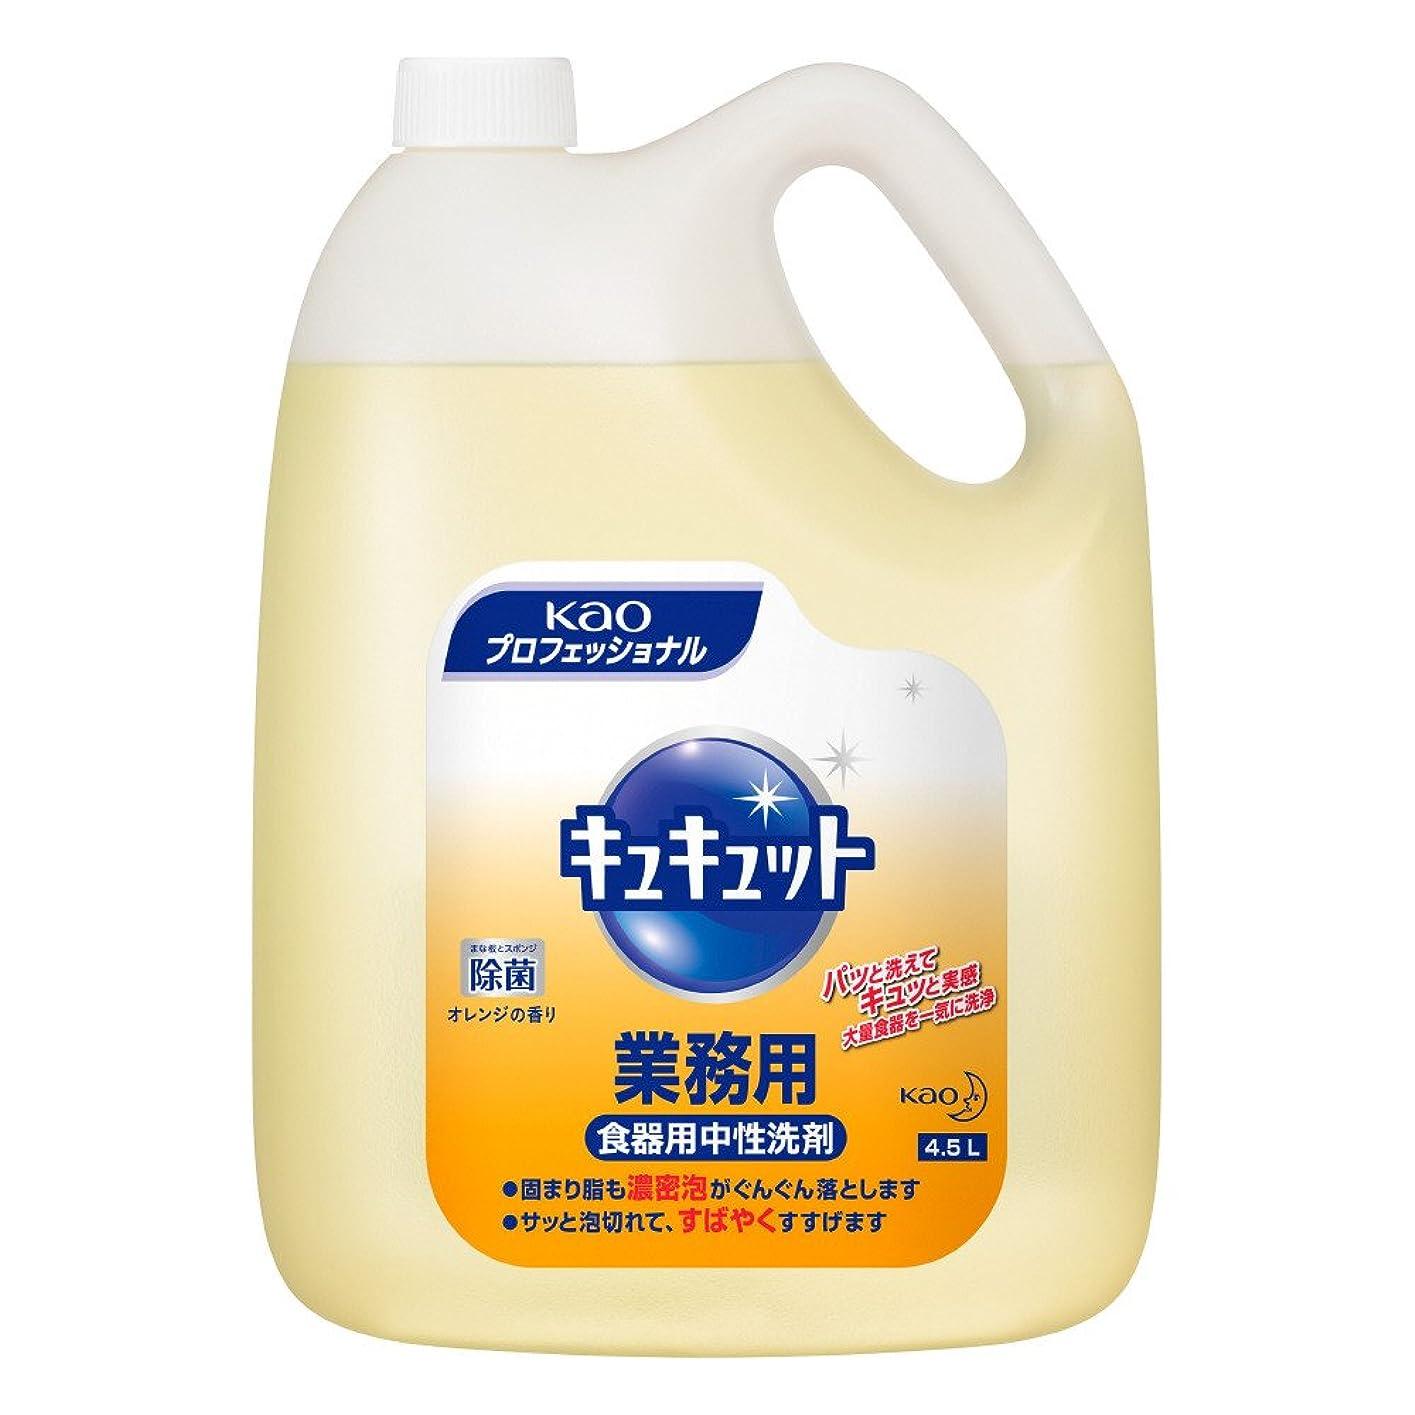 ブルゴーニュ一見閲覧する除菌ジョイ コンパクト 食器洗剤 スパークリングレモンの香り 詰め替え 超特大増量 1120 mL